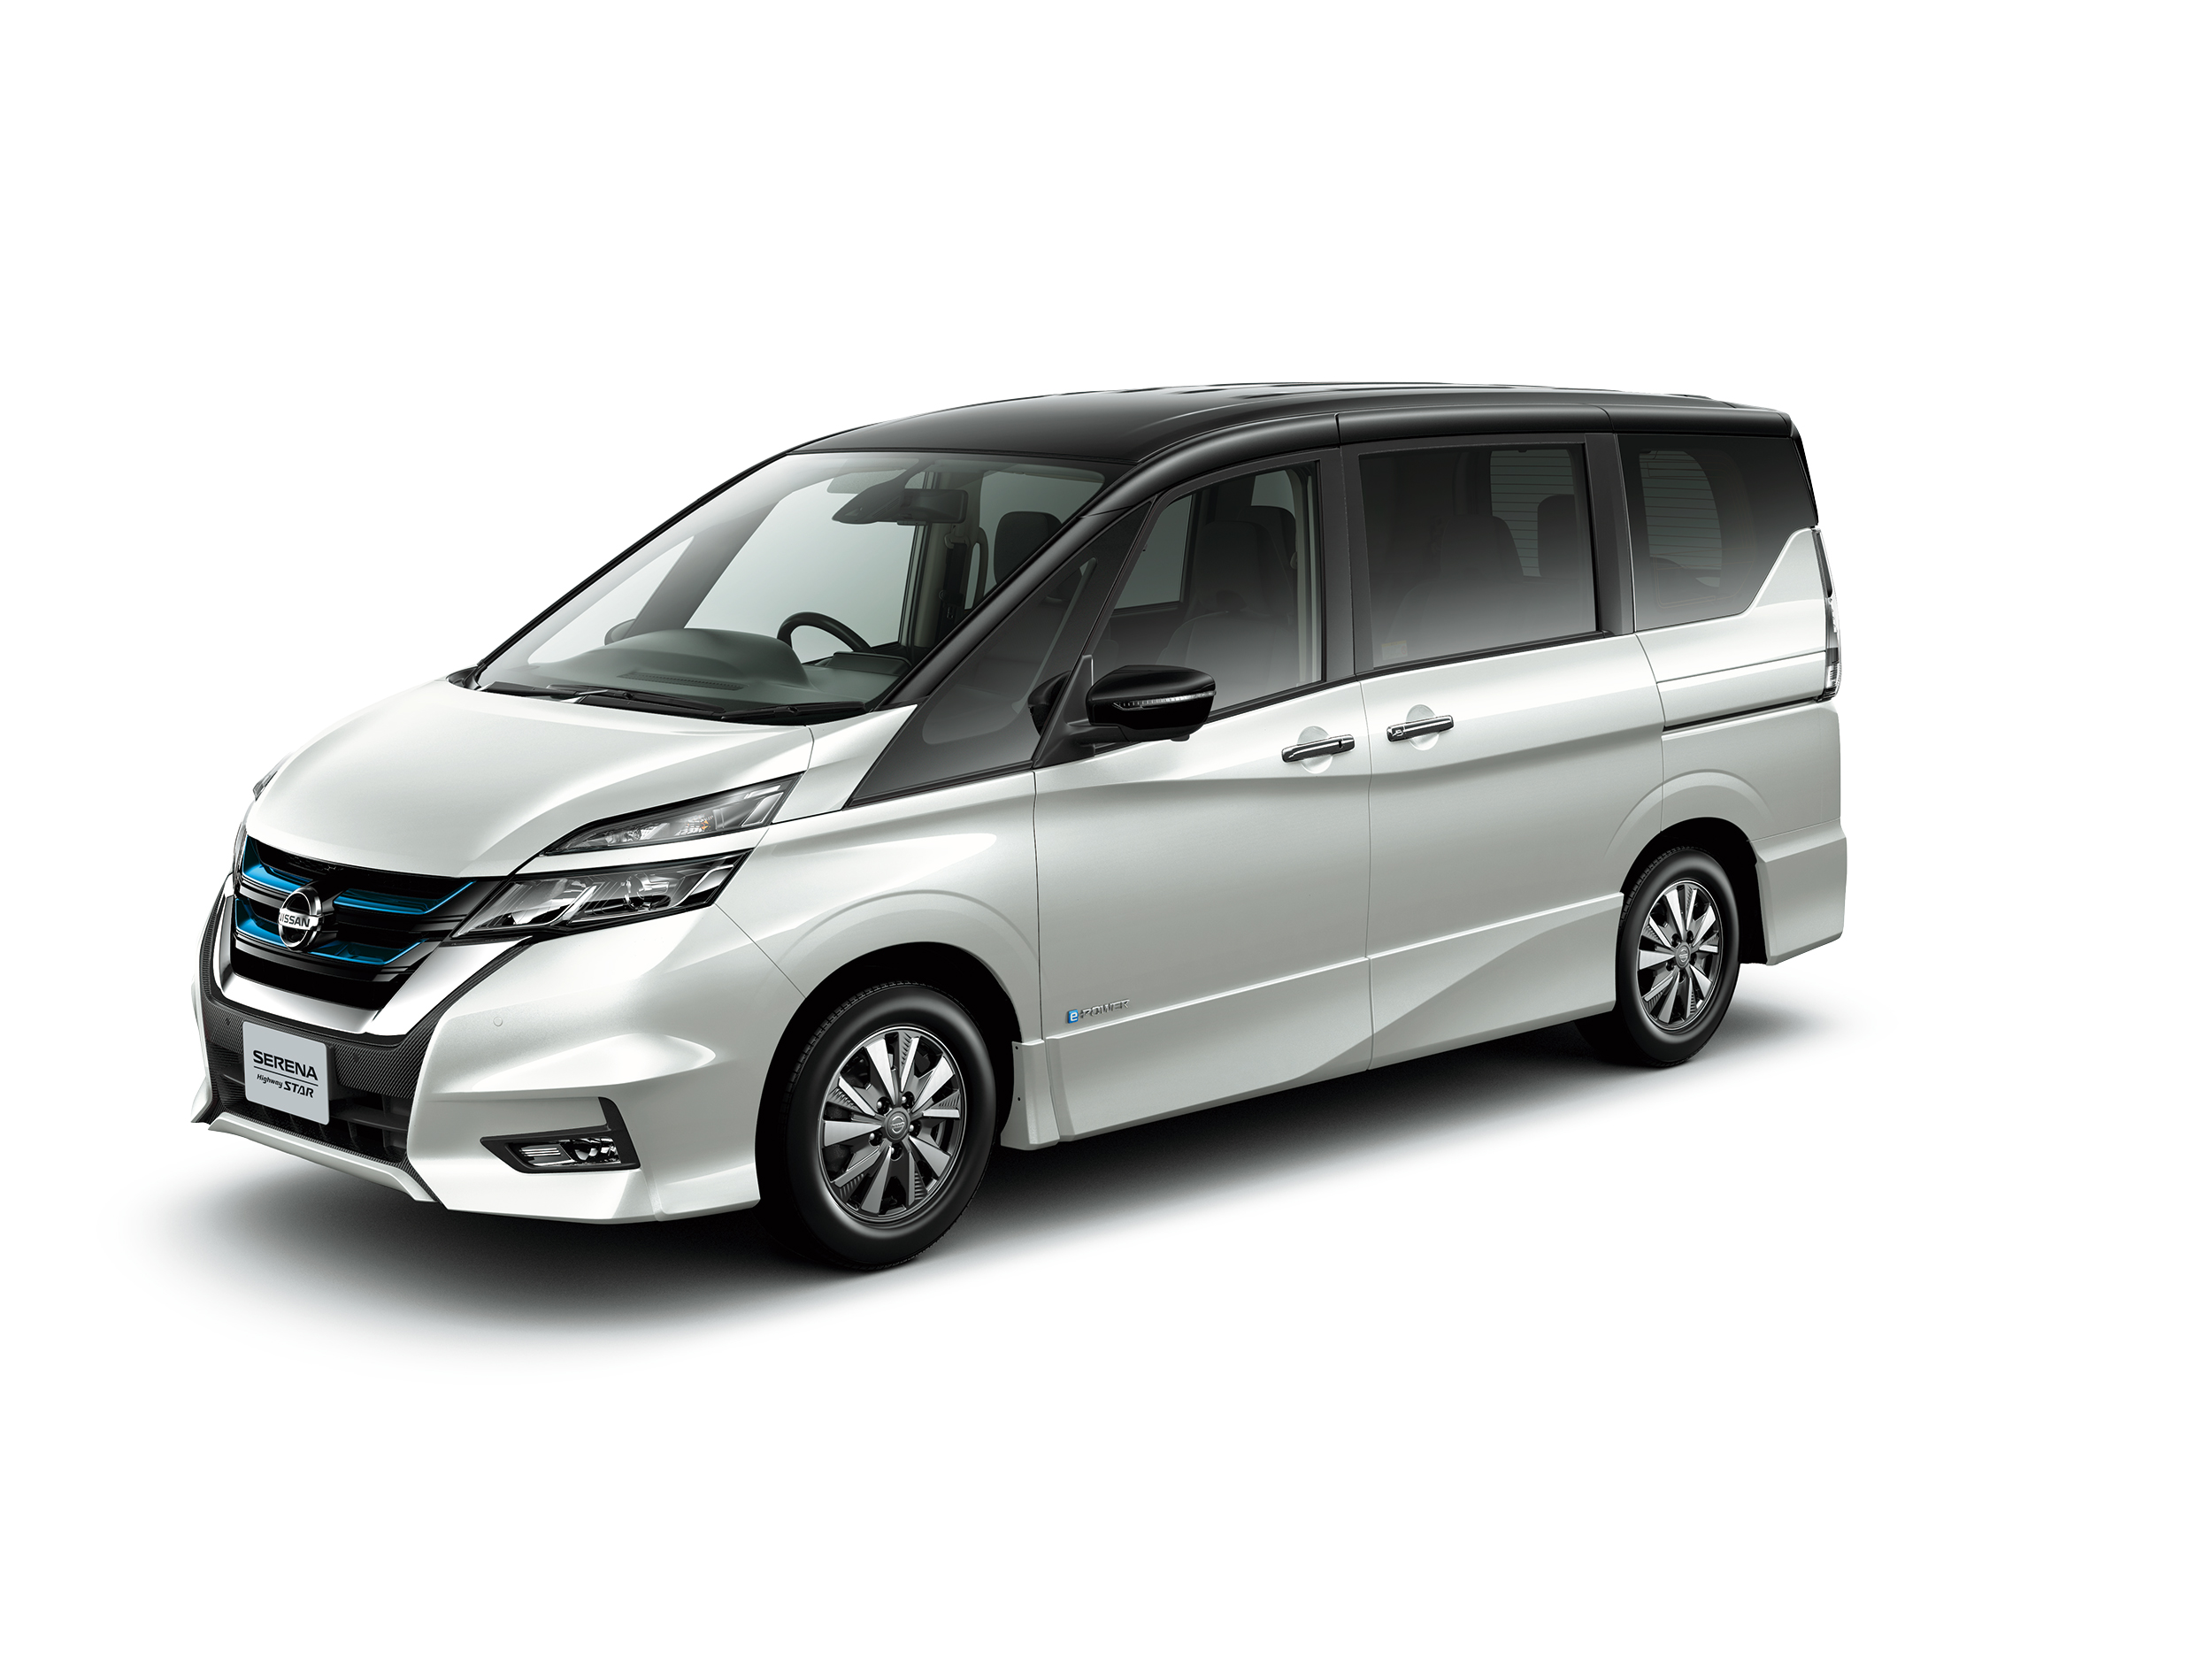 日産レンタカー新千歳空港店『スタンダードプラン(ナビ・ETC車載機 標準装備)』